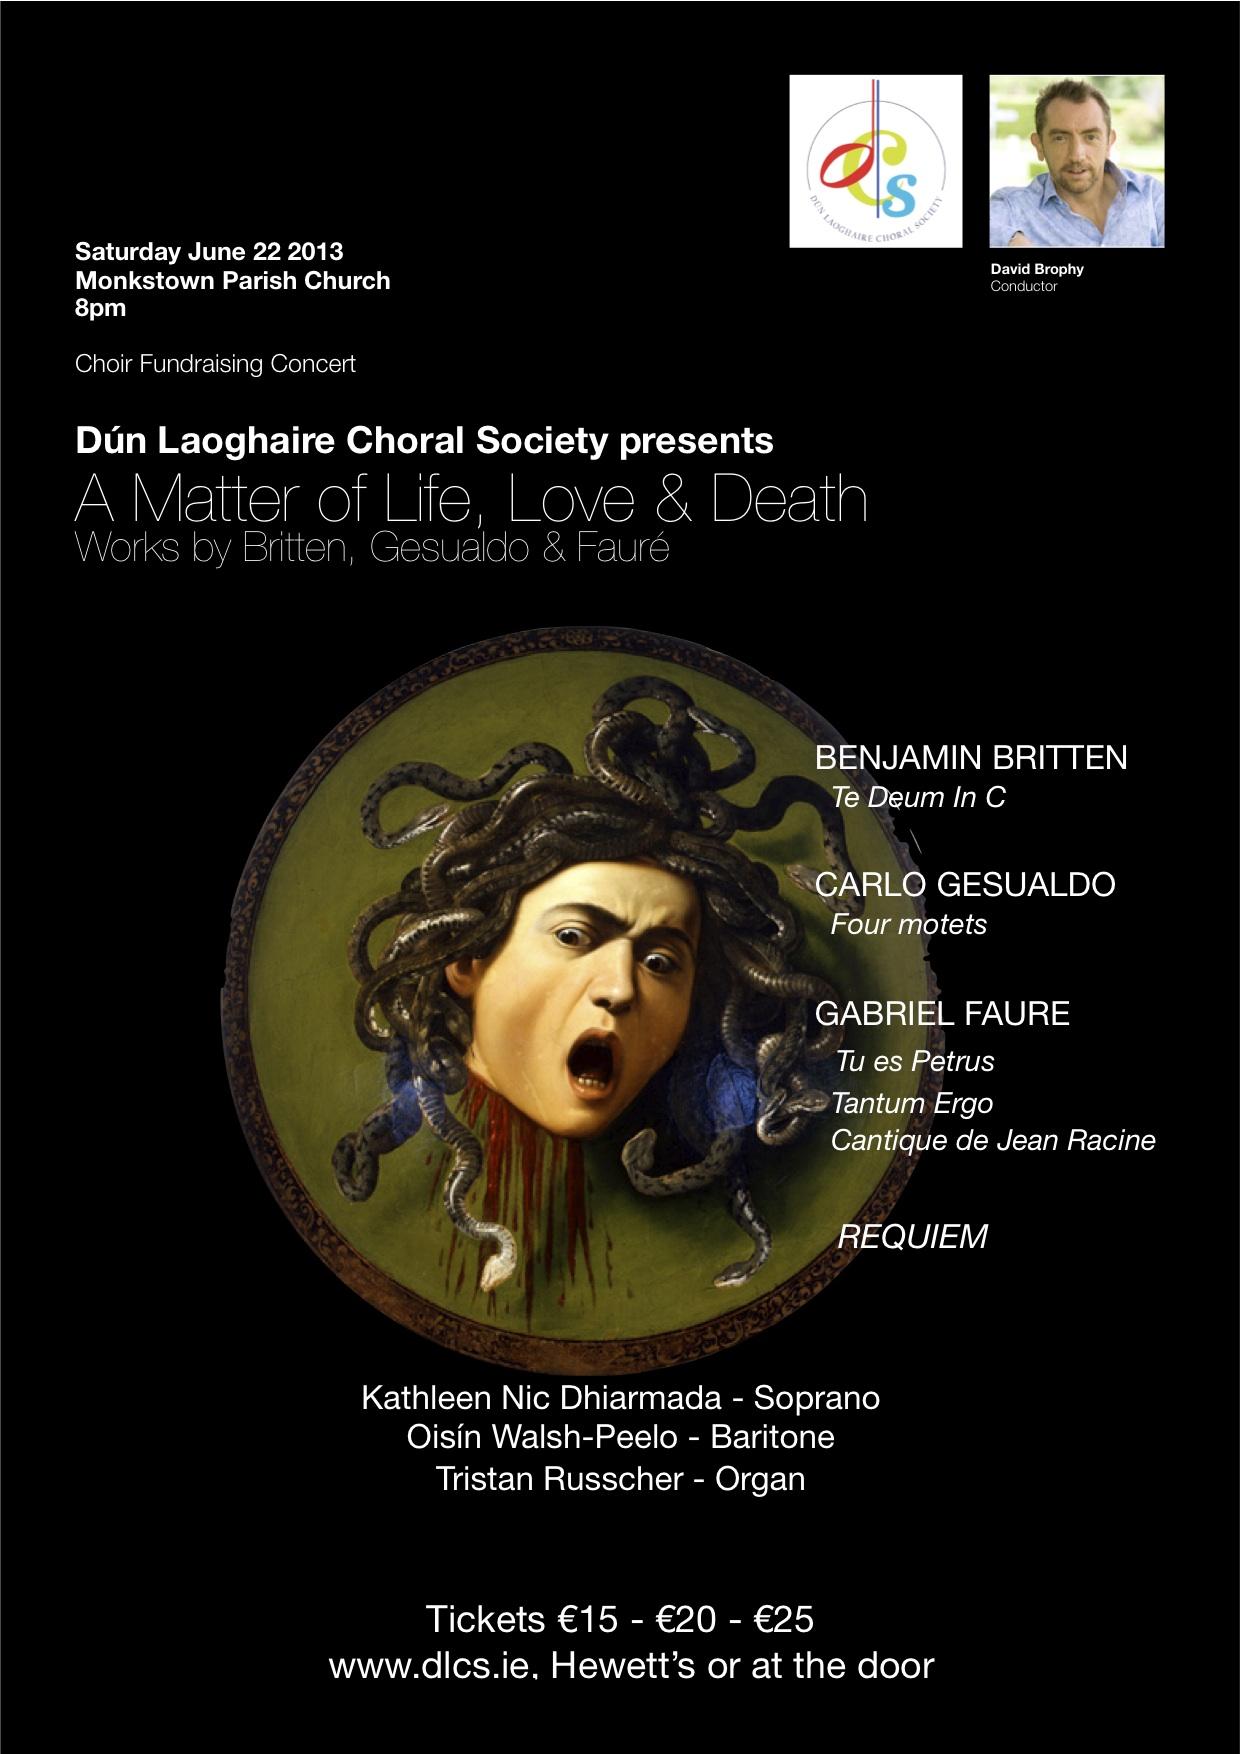 A Matter of Life, Love & Death, Monkstown, 22nd June 2013